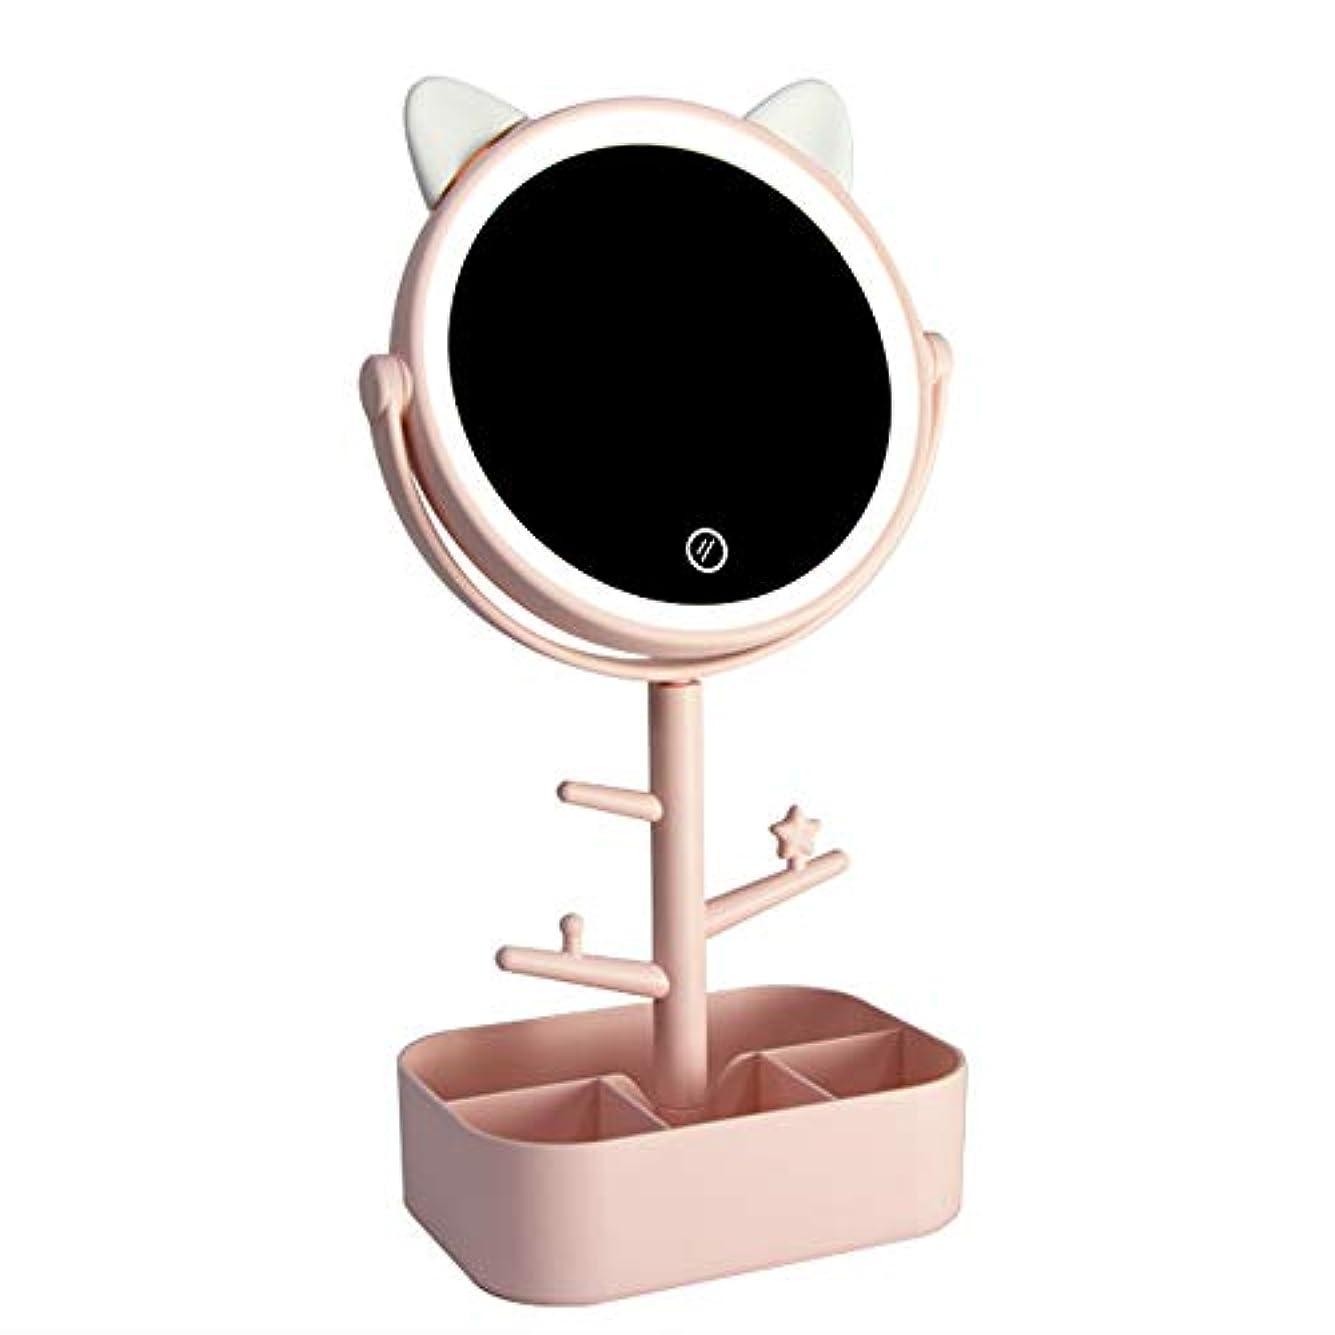 人物マイクロプロセッサプレーヤーLecone LED化粧鏡 女優ミラー 卓上ミラー 180度調整可能 スタンドミラー LEDライト メイク 化粧道具 円型 収納ケース 可収納 USB給電 (猫ーピンク)